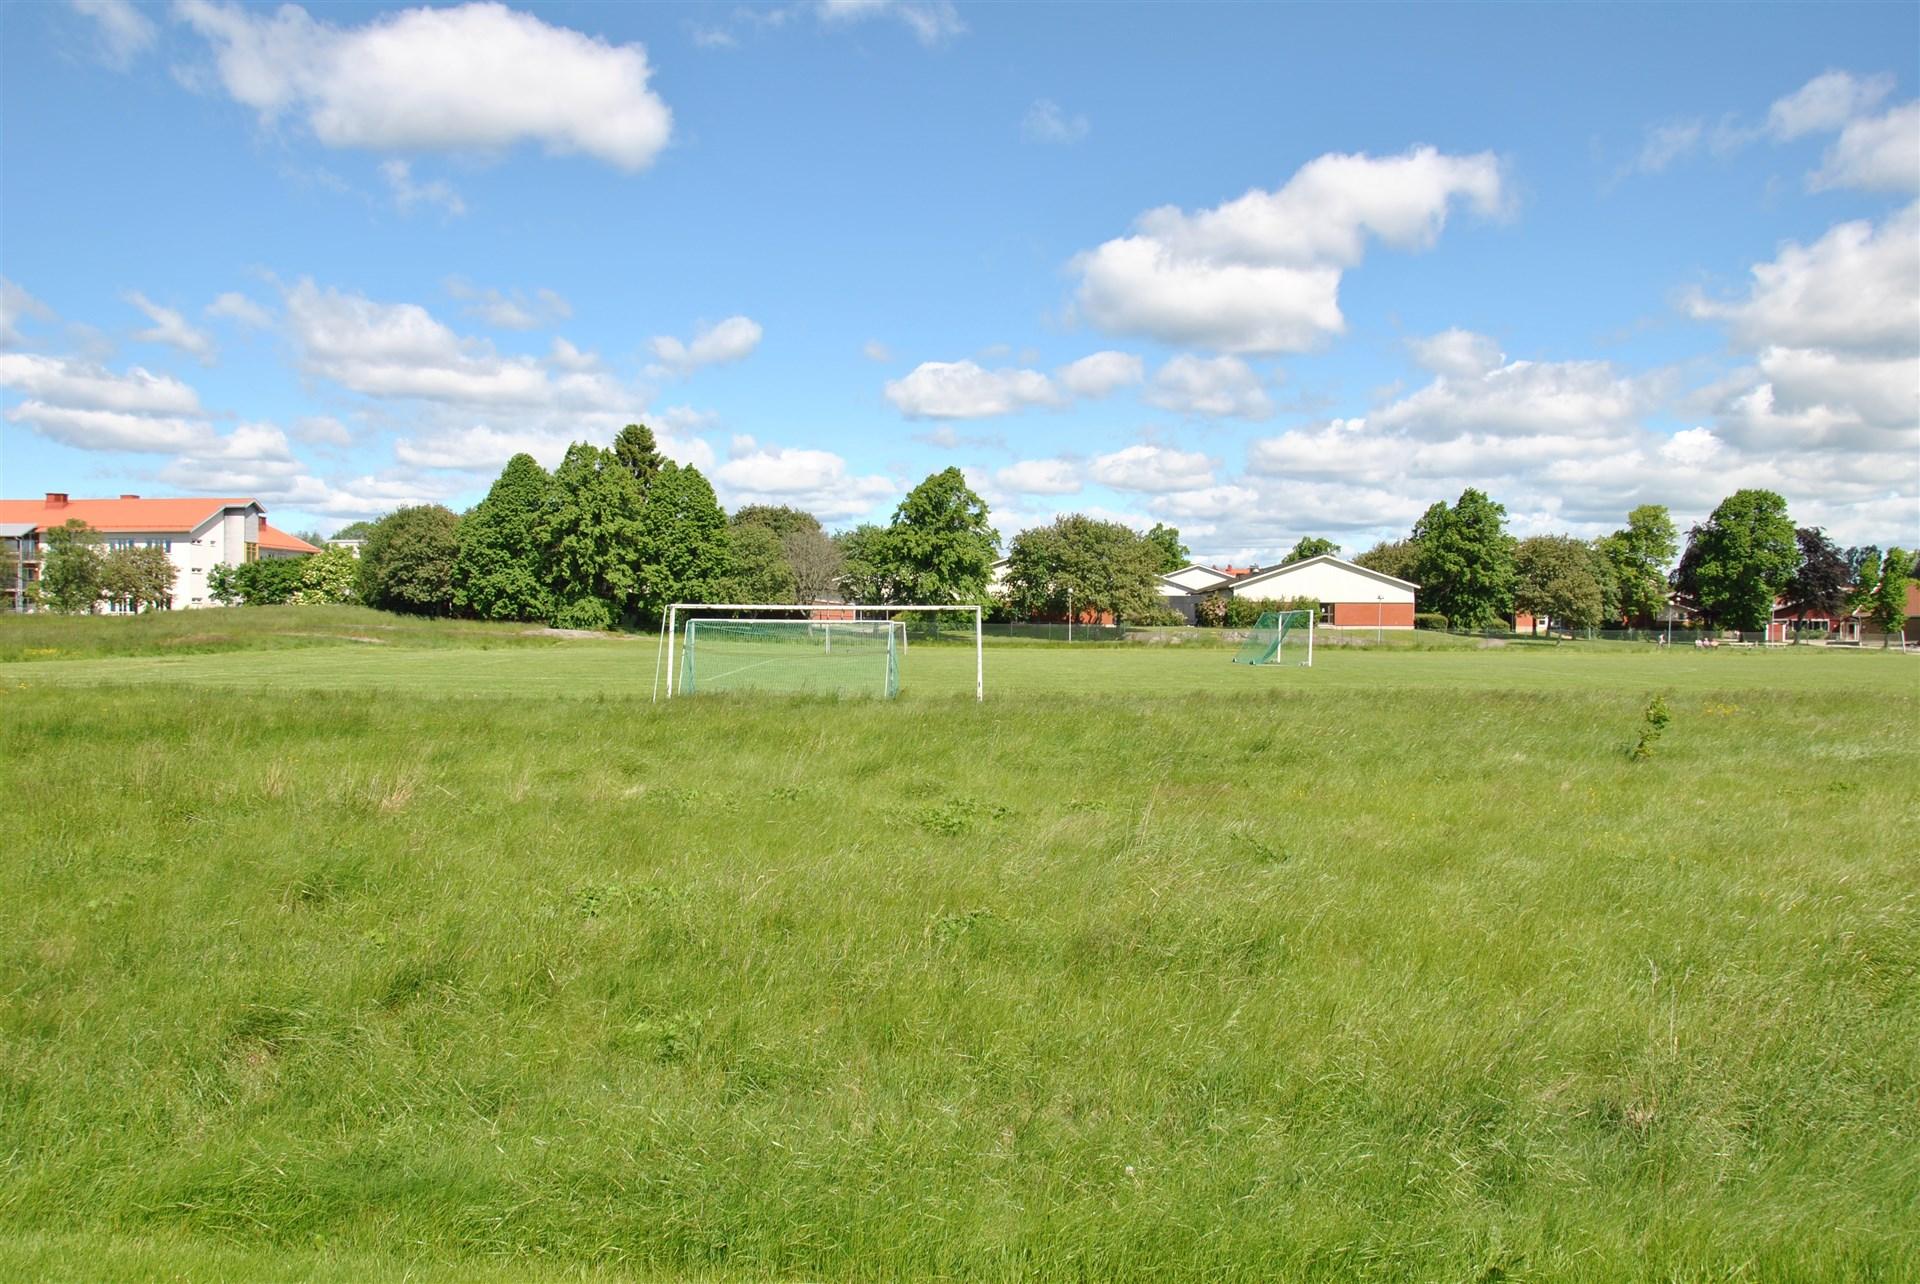 Områdesbild - Ängsvallen, med bl. a. fotbollsplan (sommarbild)